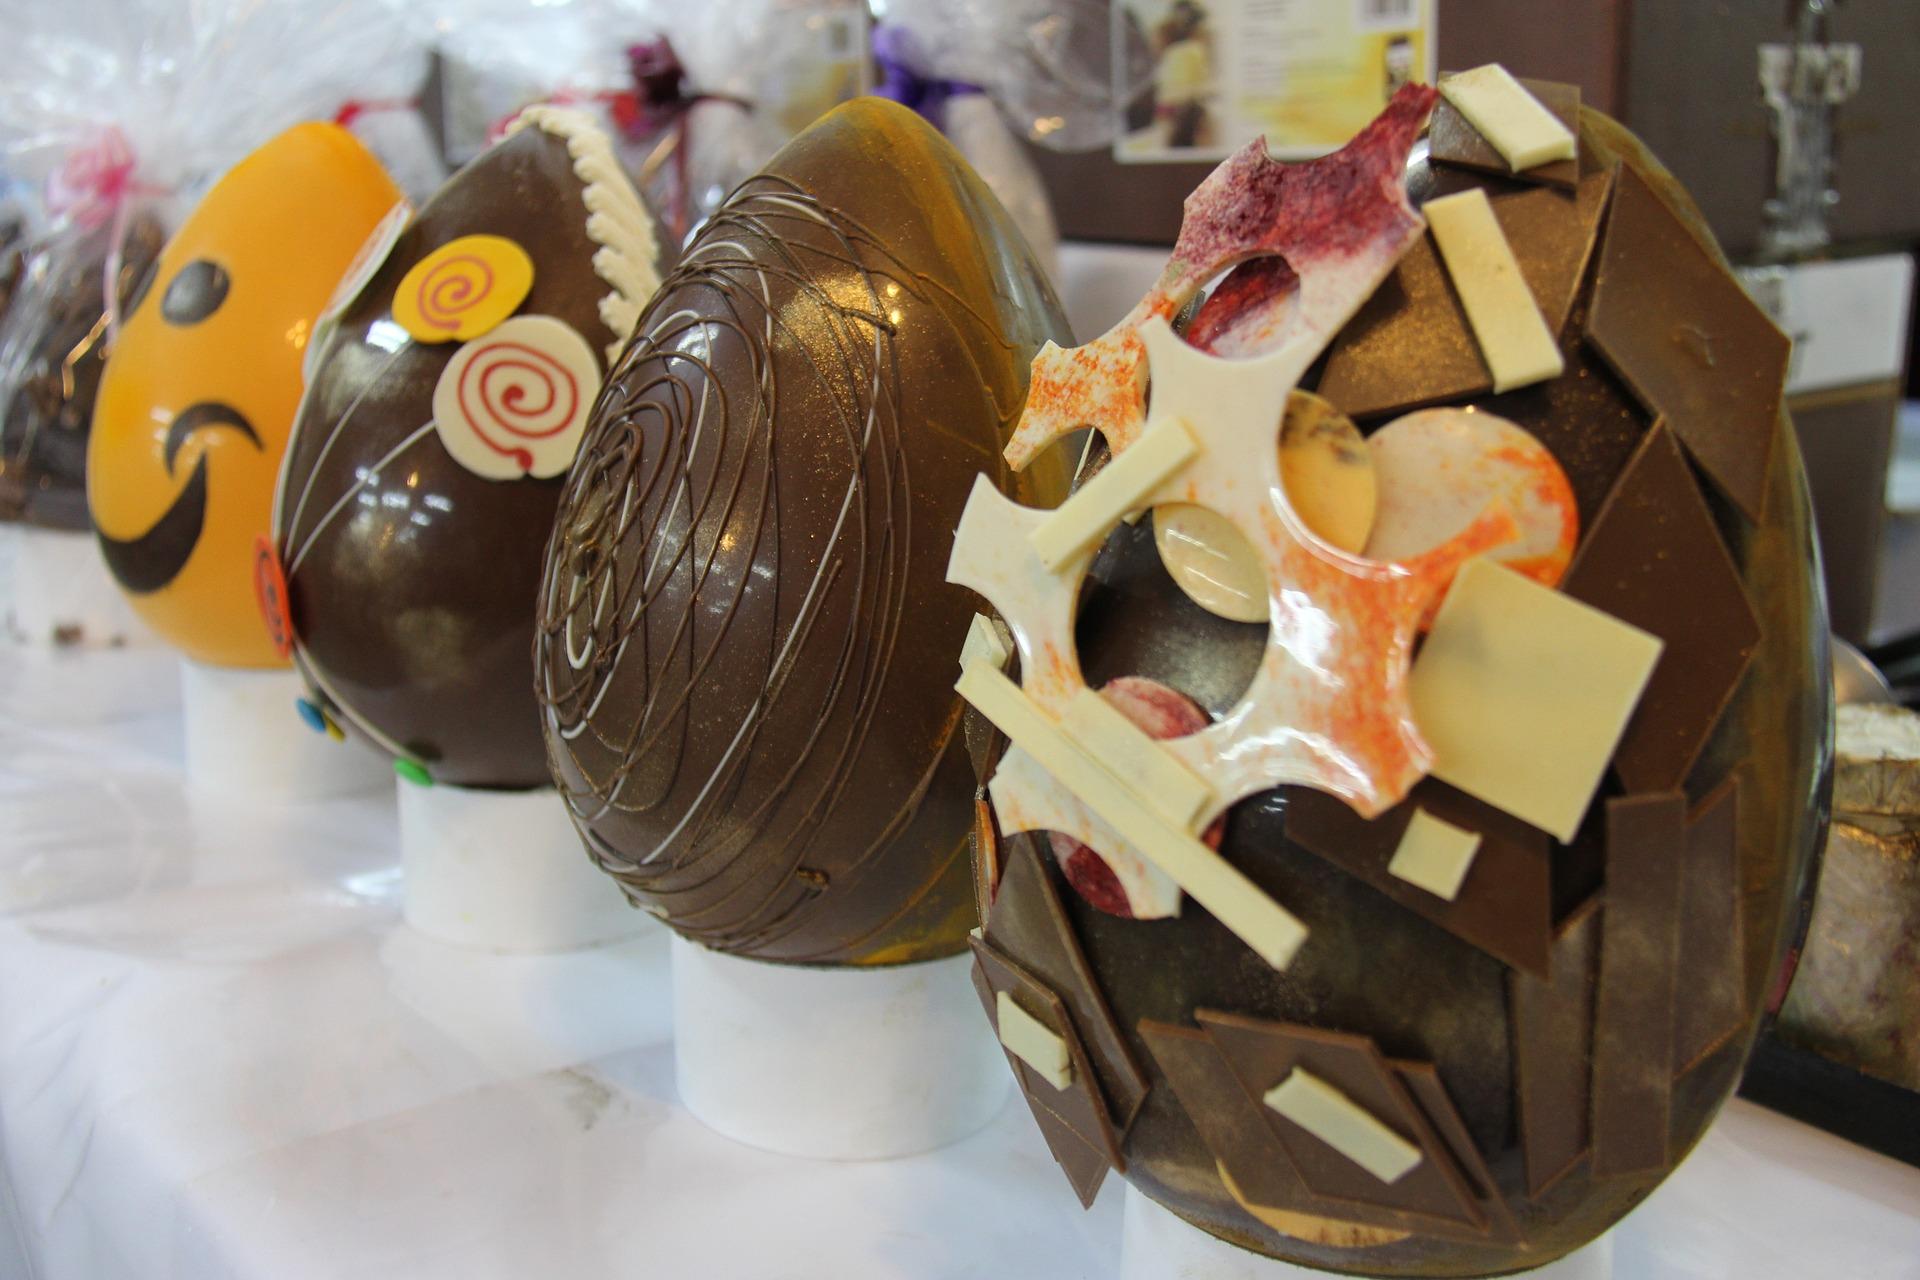 Uova di pasqua di lusso tra griffe e decorazioni artigianali - Uova di pasqua decorazioni ...